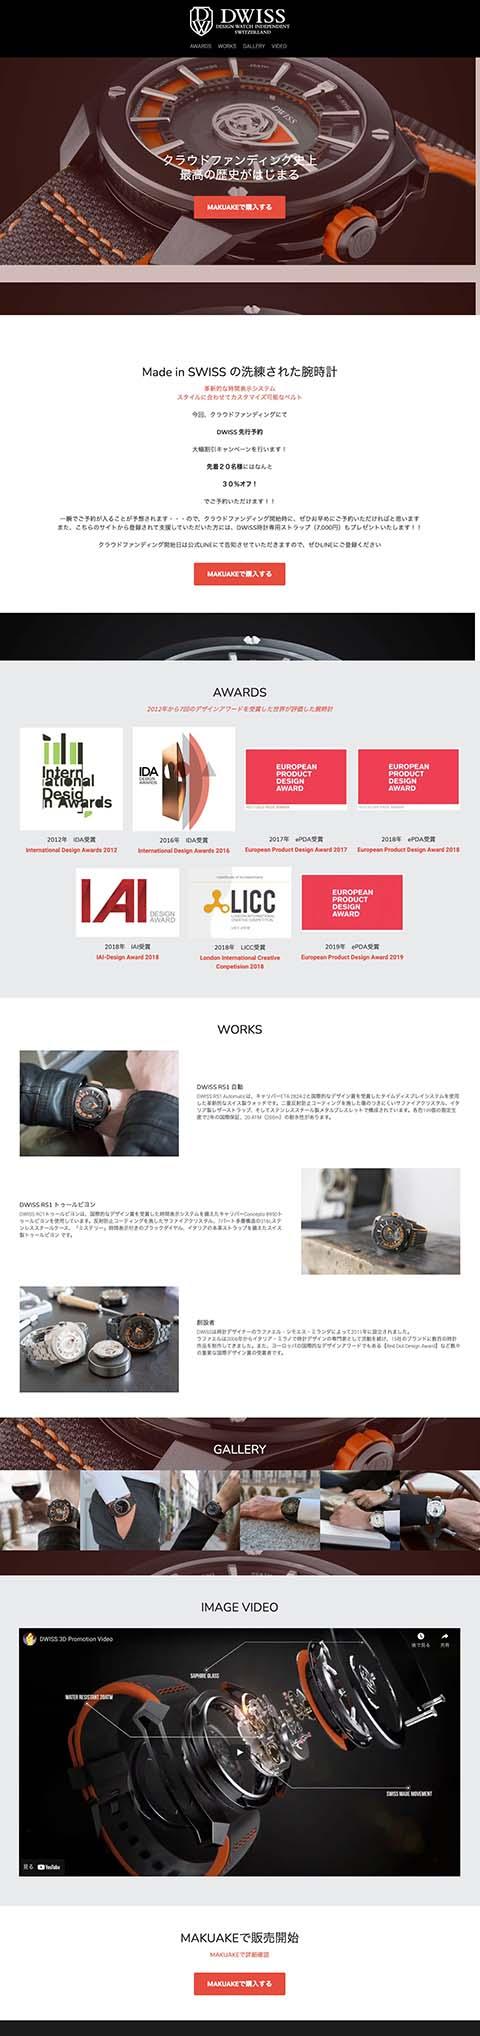 エクスペクト合同会社のランディングページサービス内にある高級宝飾時計を紹介するサイトの制作事例です。